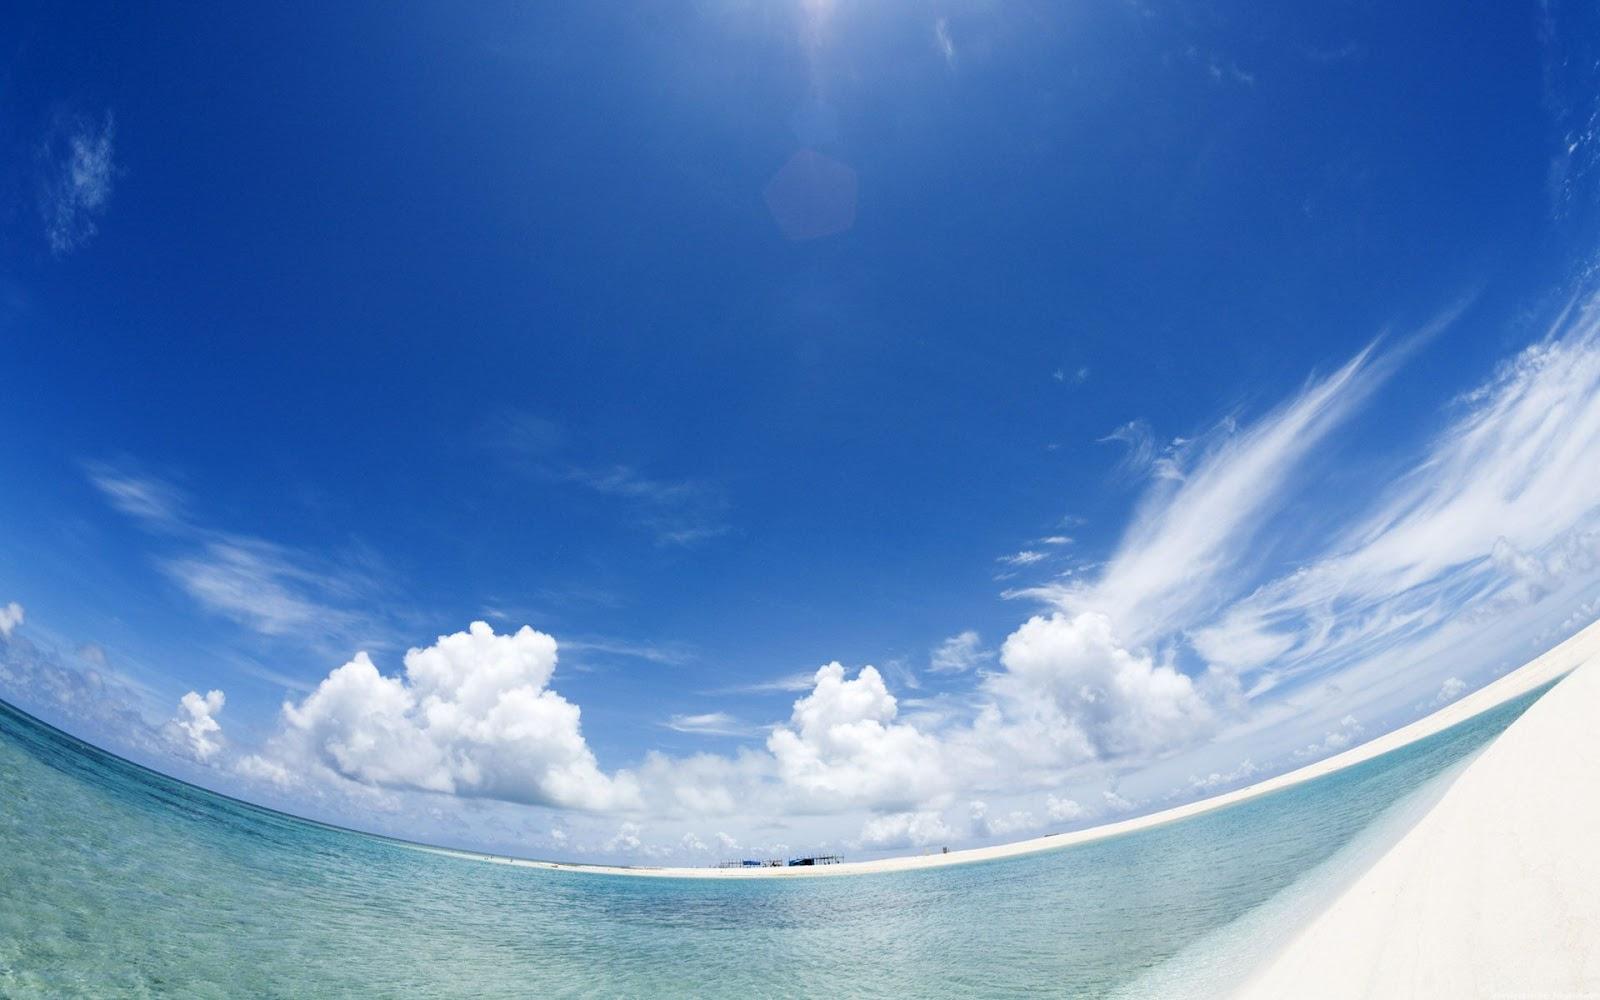 http://3.bp.blogspot.com/-Ir83A7VogBg/UCehTd2DDgI/AAAAAAAAFeU/725vqCf7RGo/s1600/beach-wallpapers-wal-paper-blogspot-com+%282%29.jpg